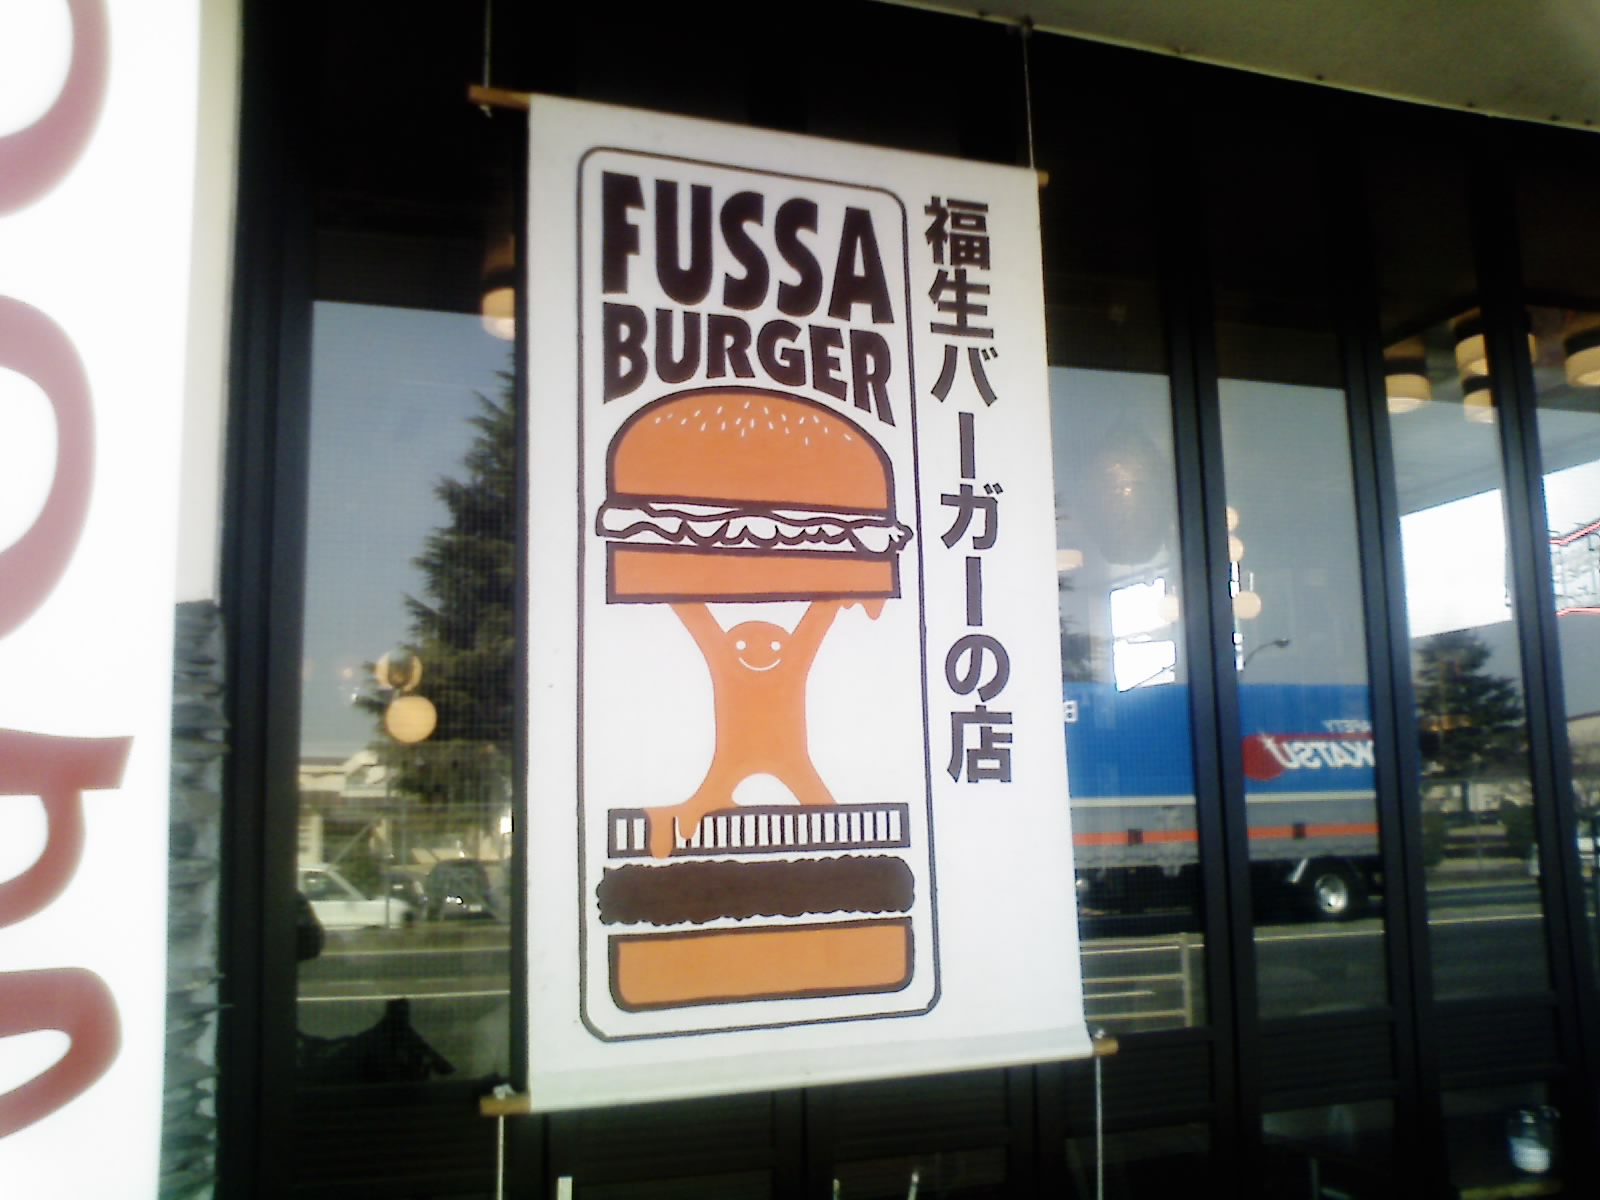 http://file.hiruanndonn.blog.shinobi.jp/fussa.jpg